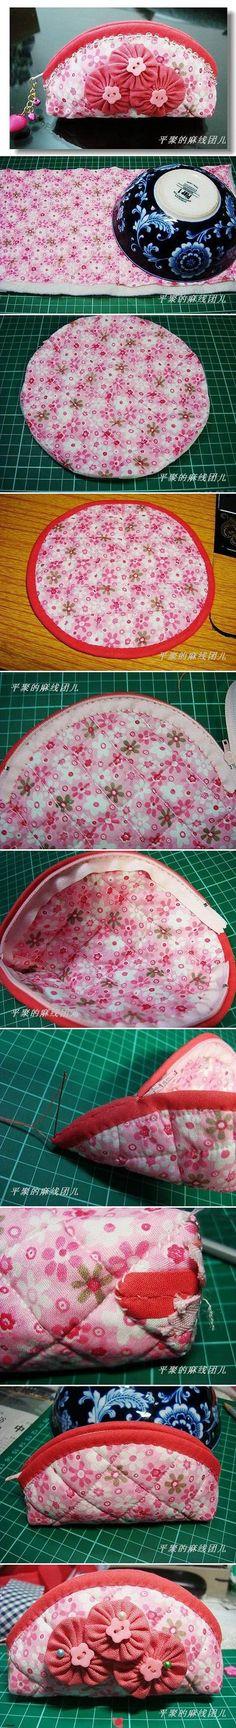 Trousse avec 2cercles de tissus et une fermeture eclair . Pouch with 2 fabric cercles and a zipper